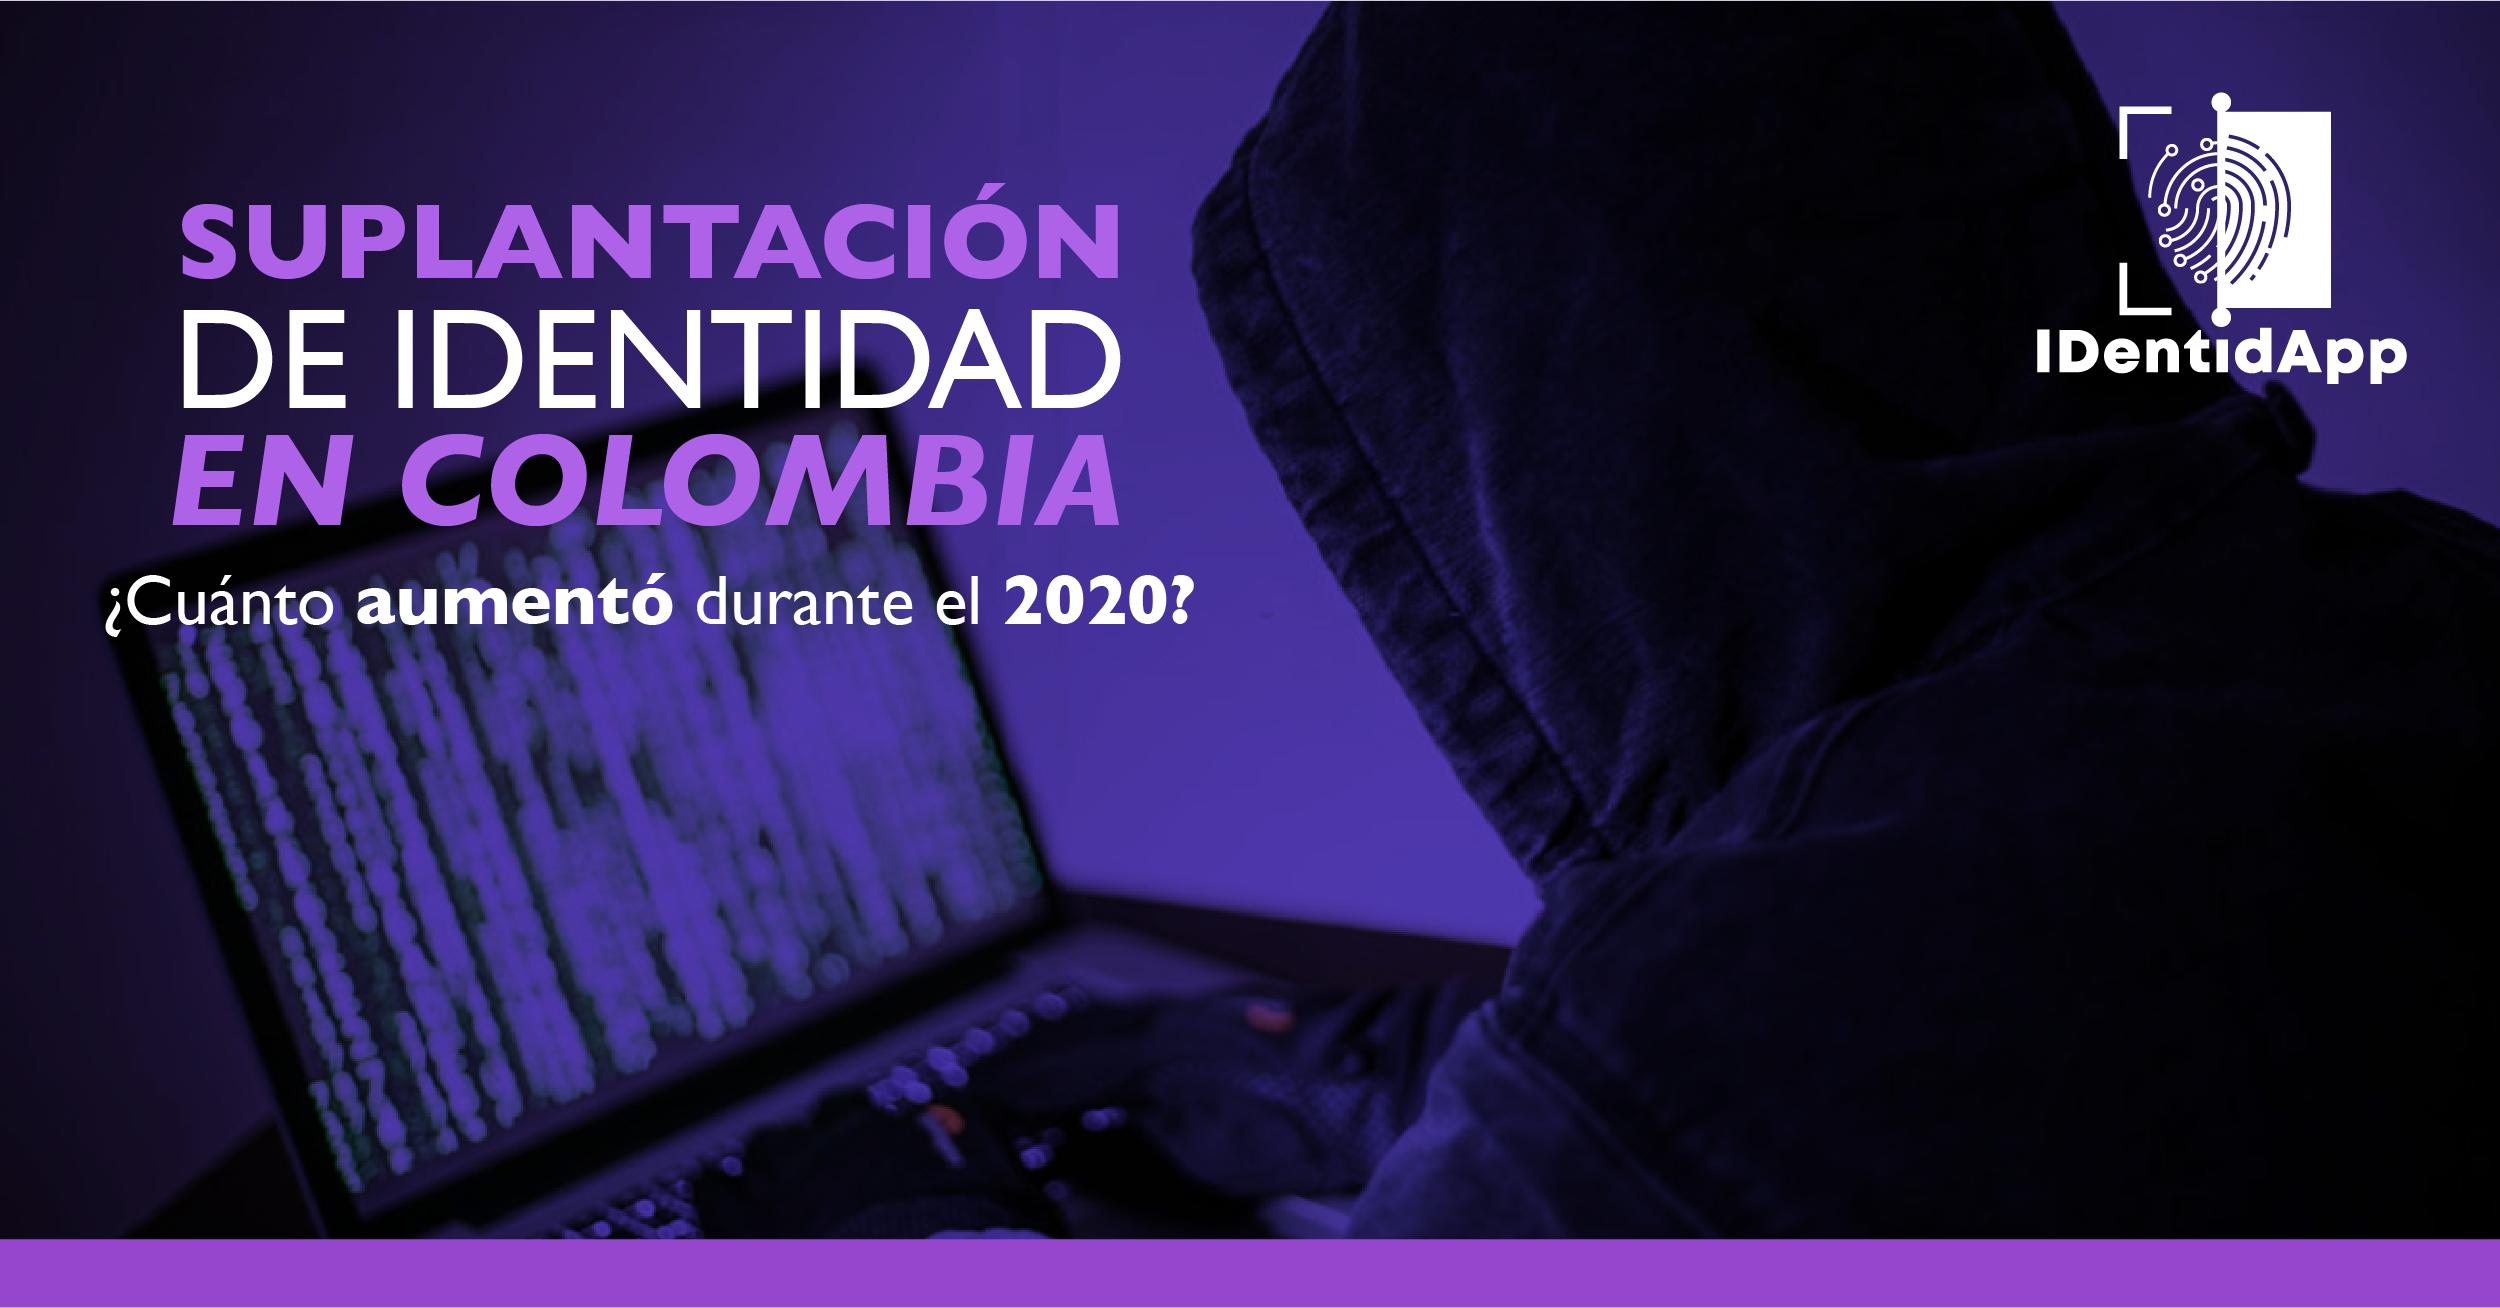 ¿Cuánto aumentó la suplantación de identidad en Colombia durante el 2020?